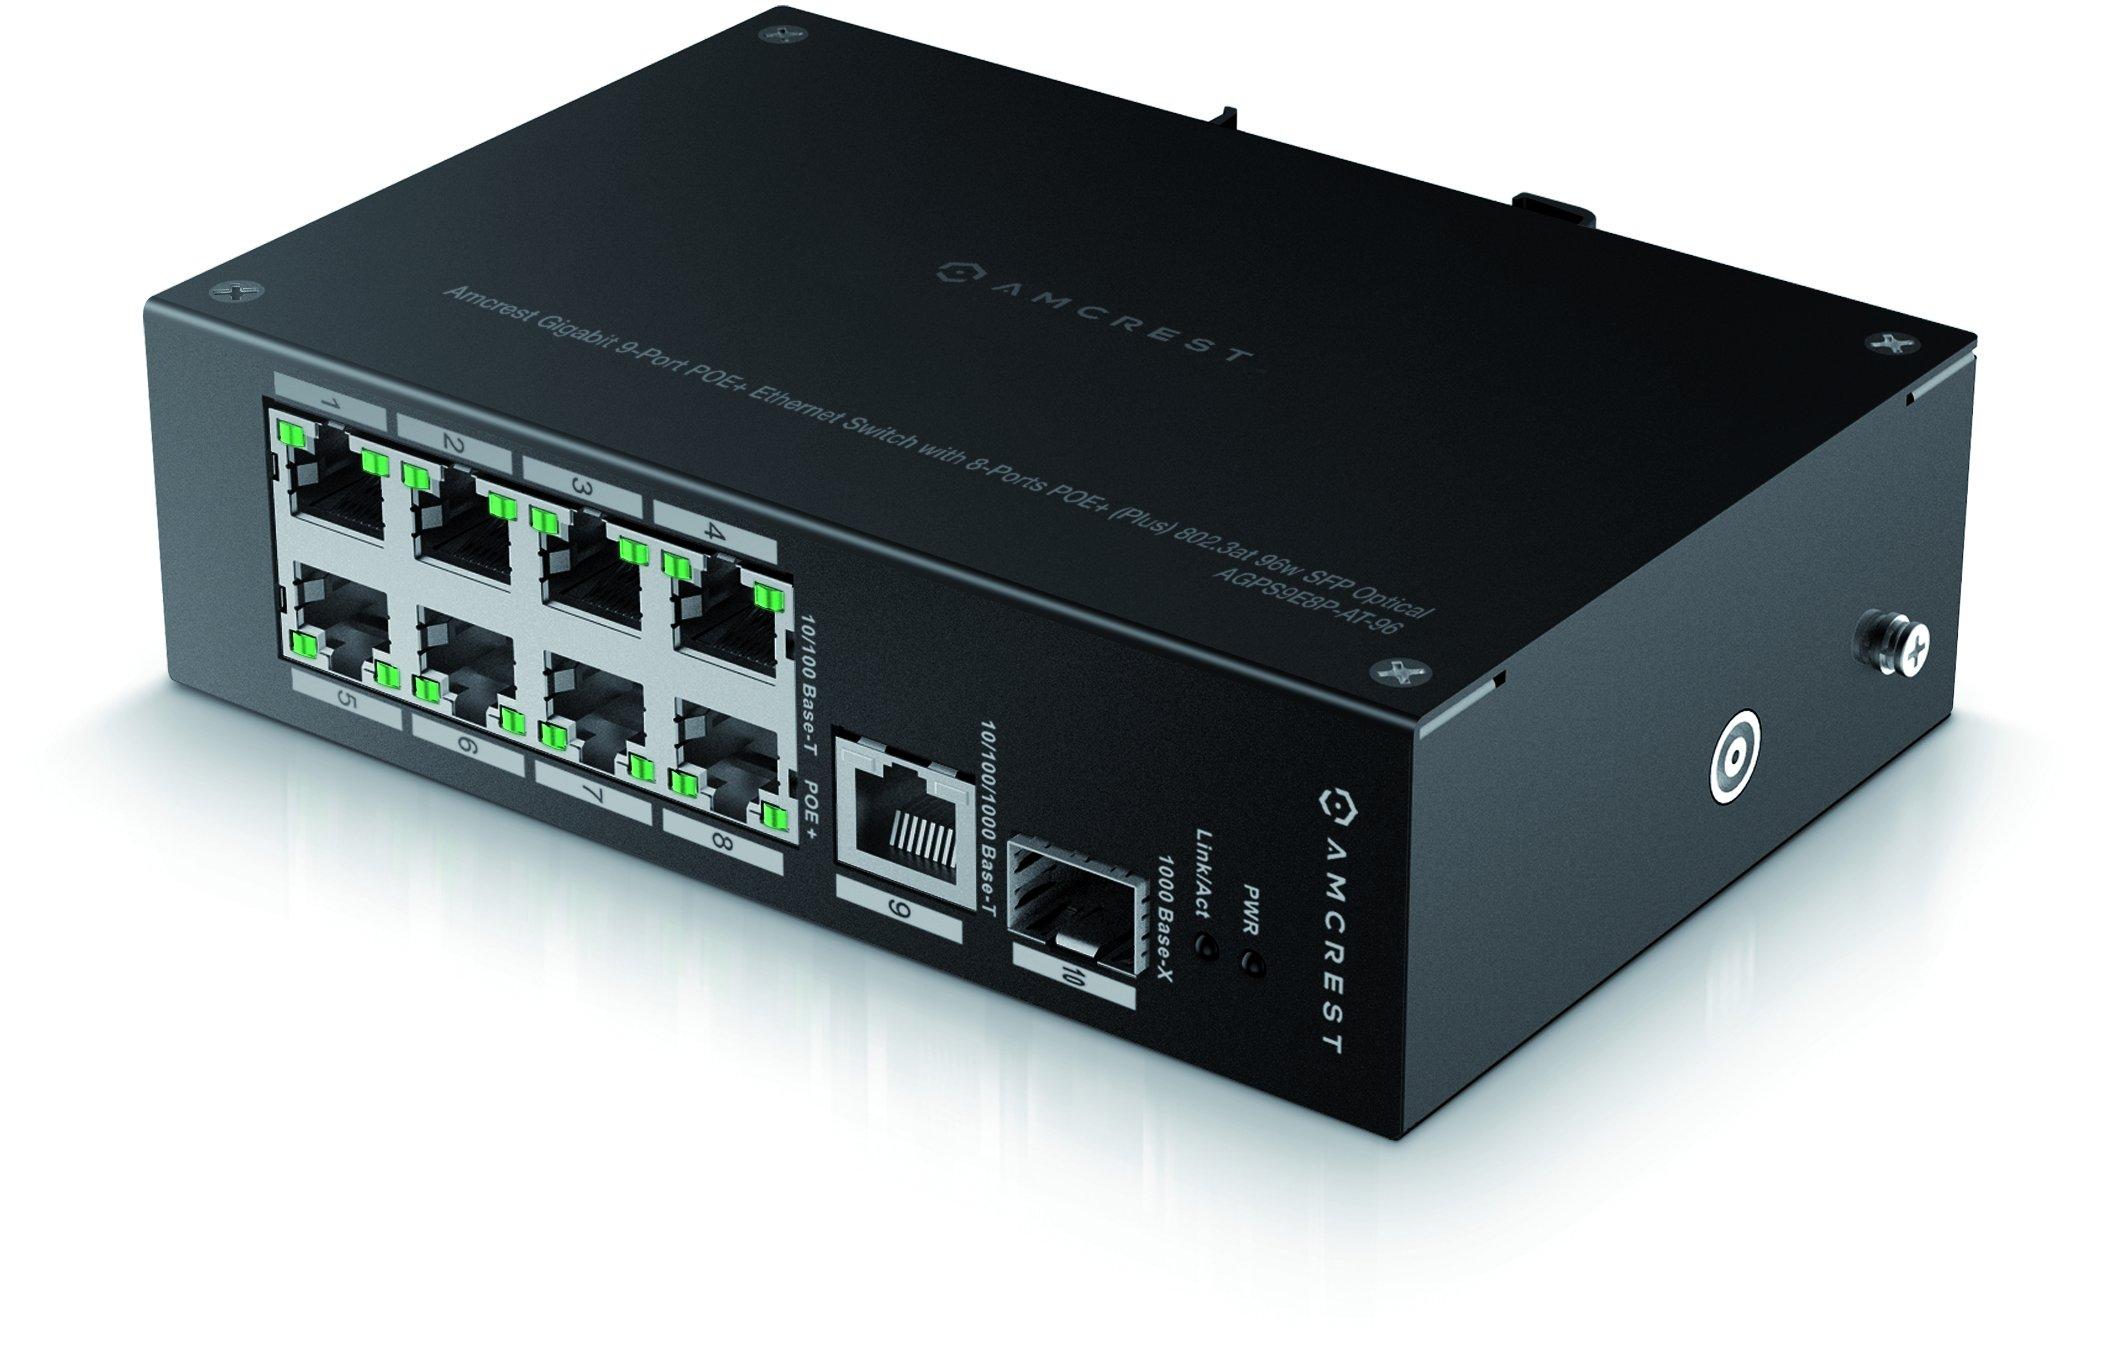 Amcrest Gigabit Uplink 9-Port Poe+ Ethernet Switch with Metal Housing by Amcrest